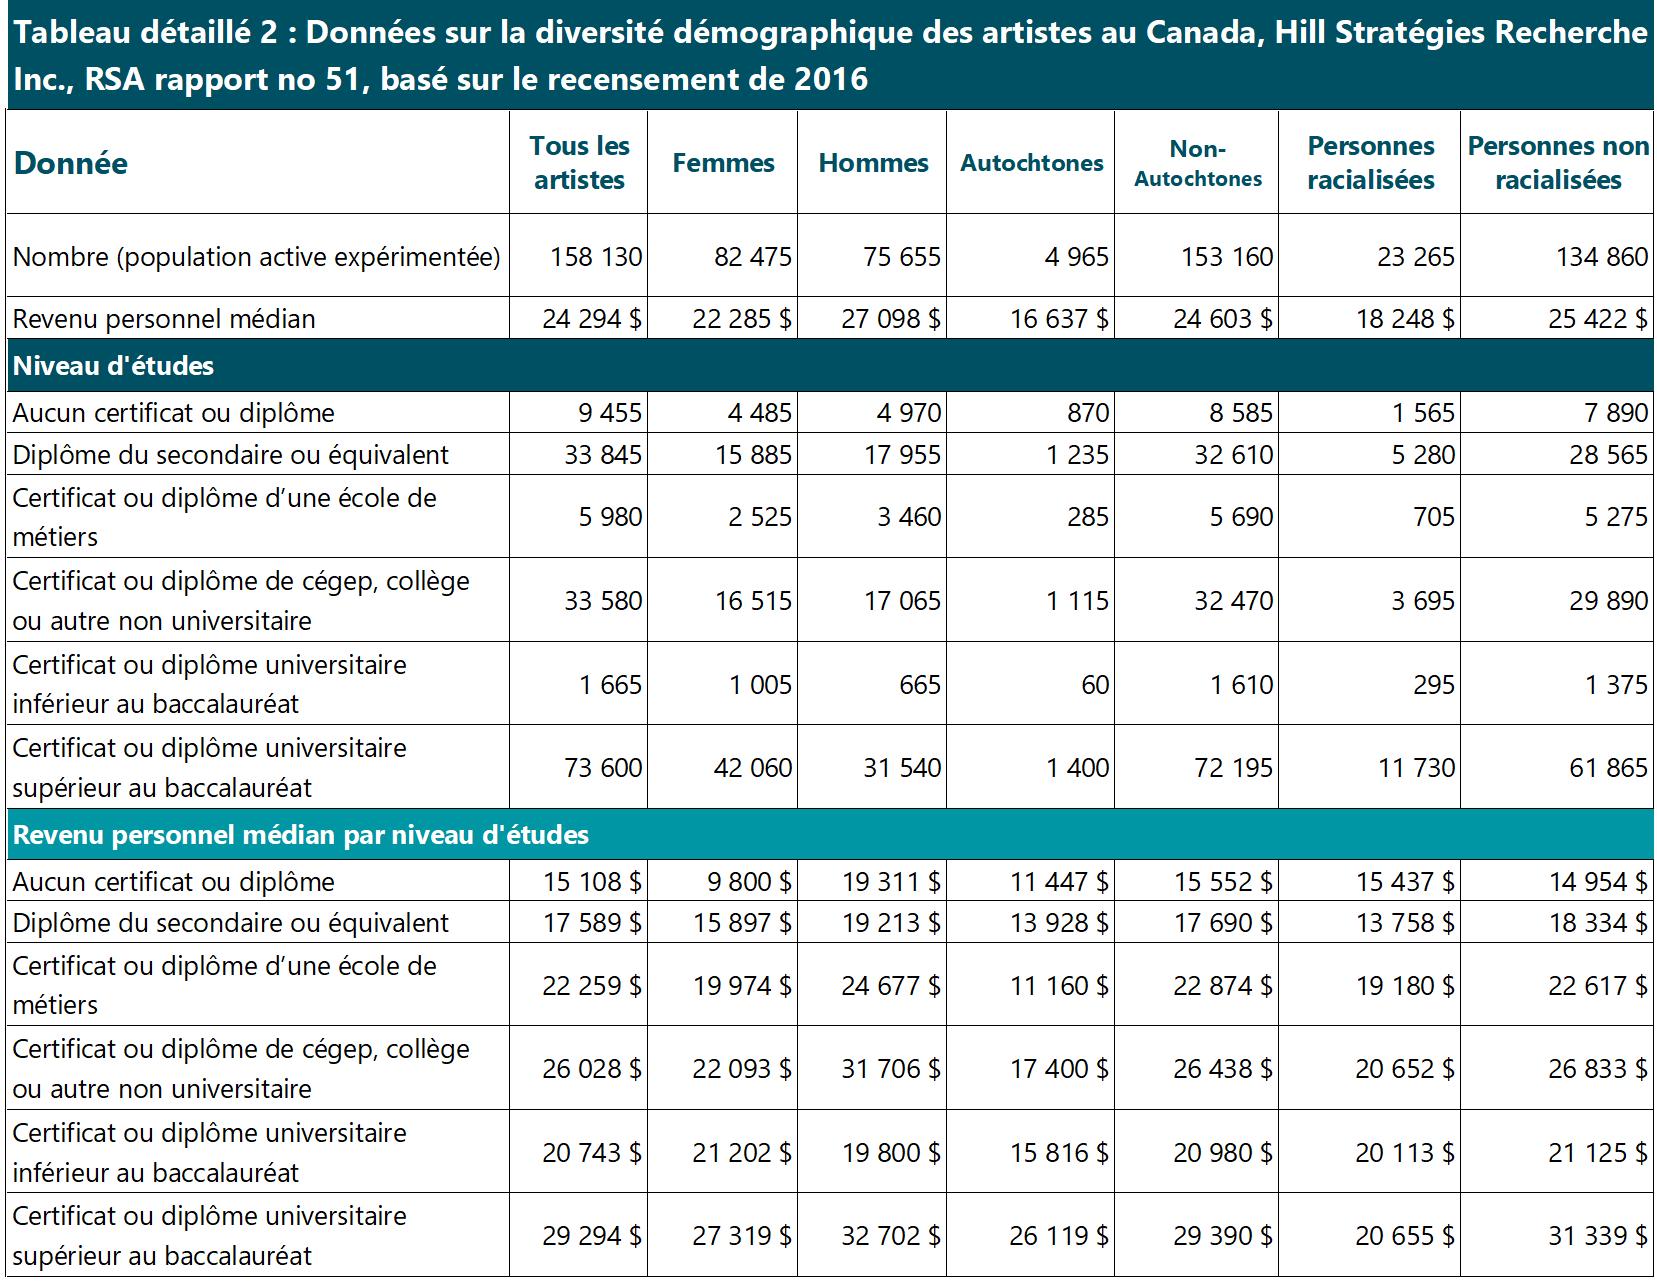 Tableau détaillé 2, partie 1 (Diversité démographique des artistes au Canada)